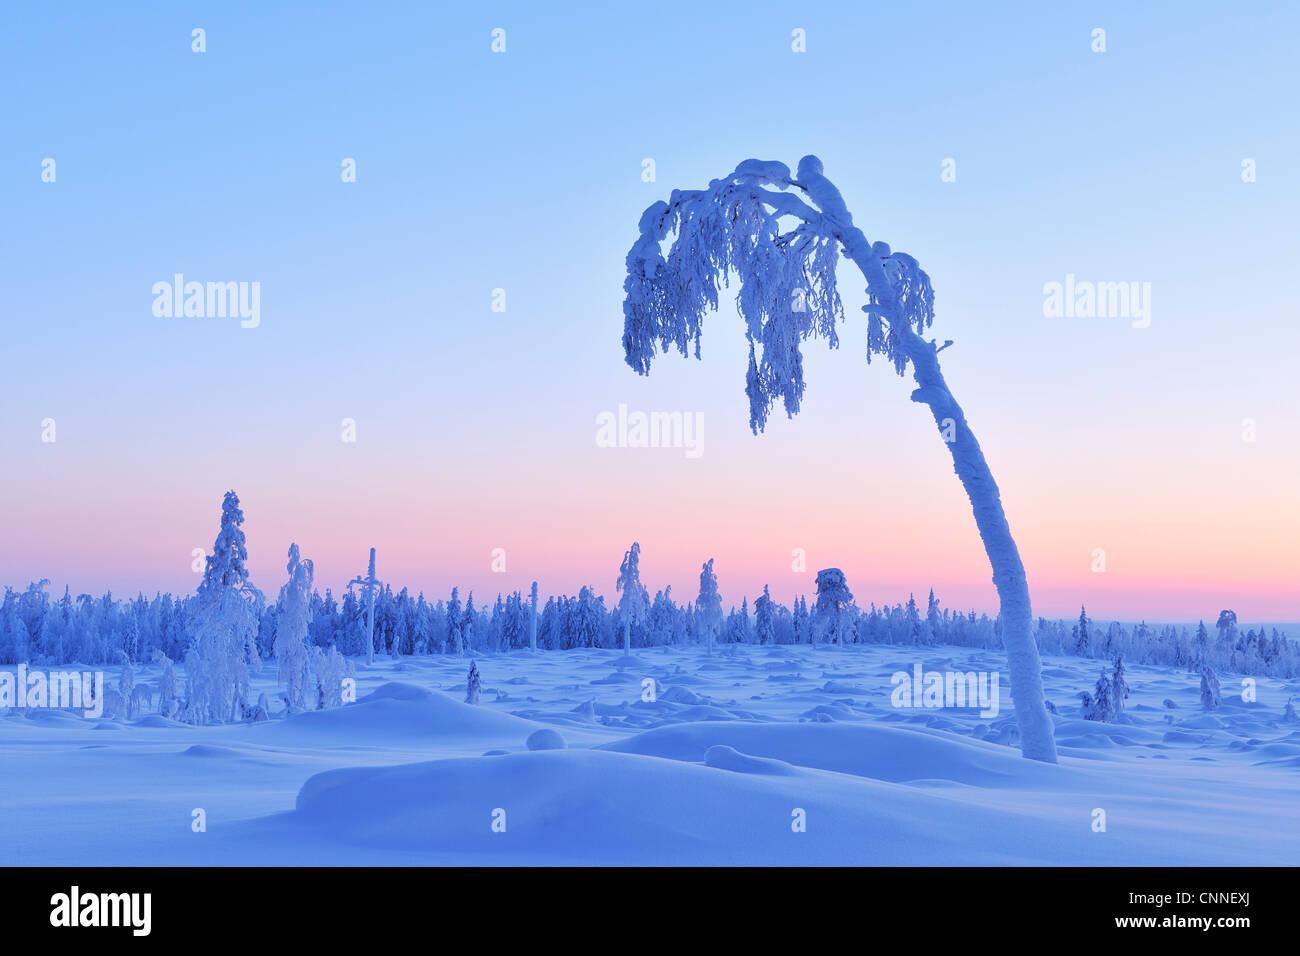 Schneebedeckten Baum bei Sonnenuntergang, Nissi, Nordösterbotten, Finnland Stockfoto